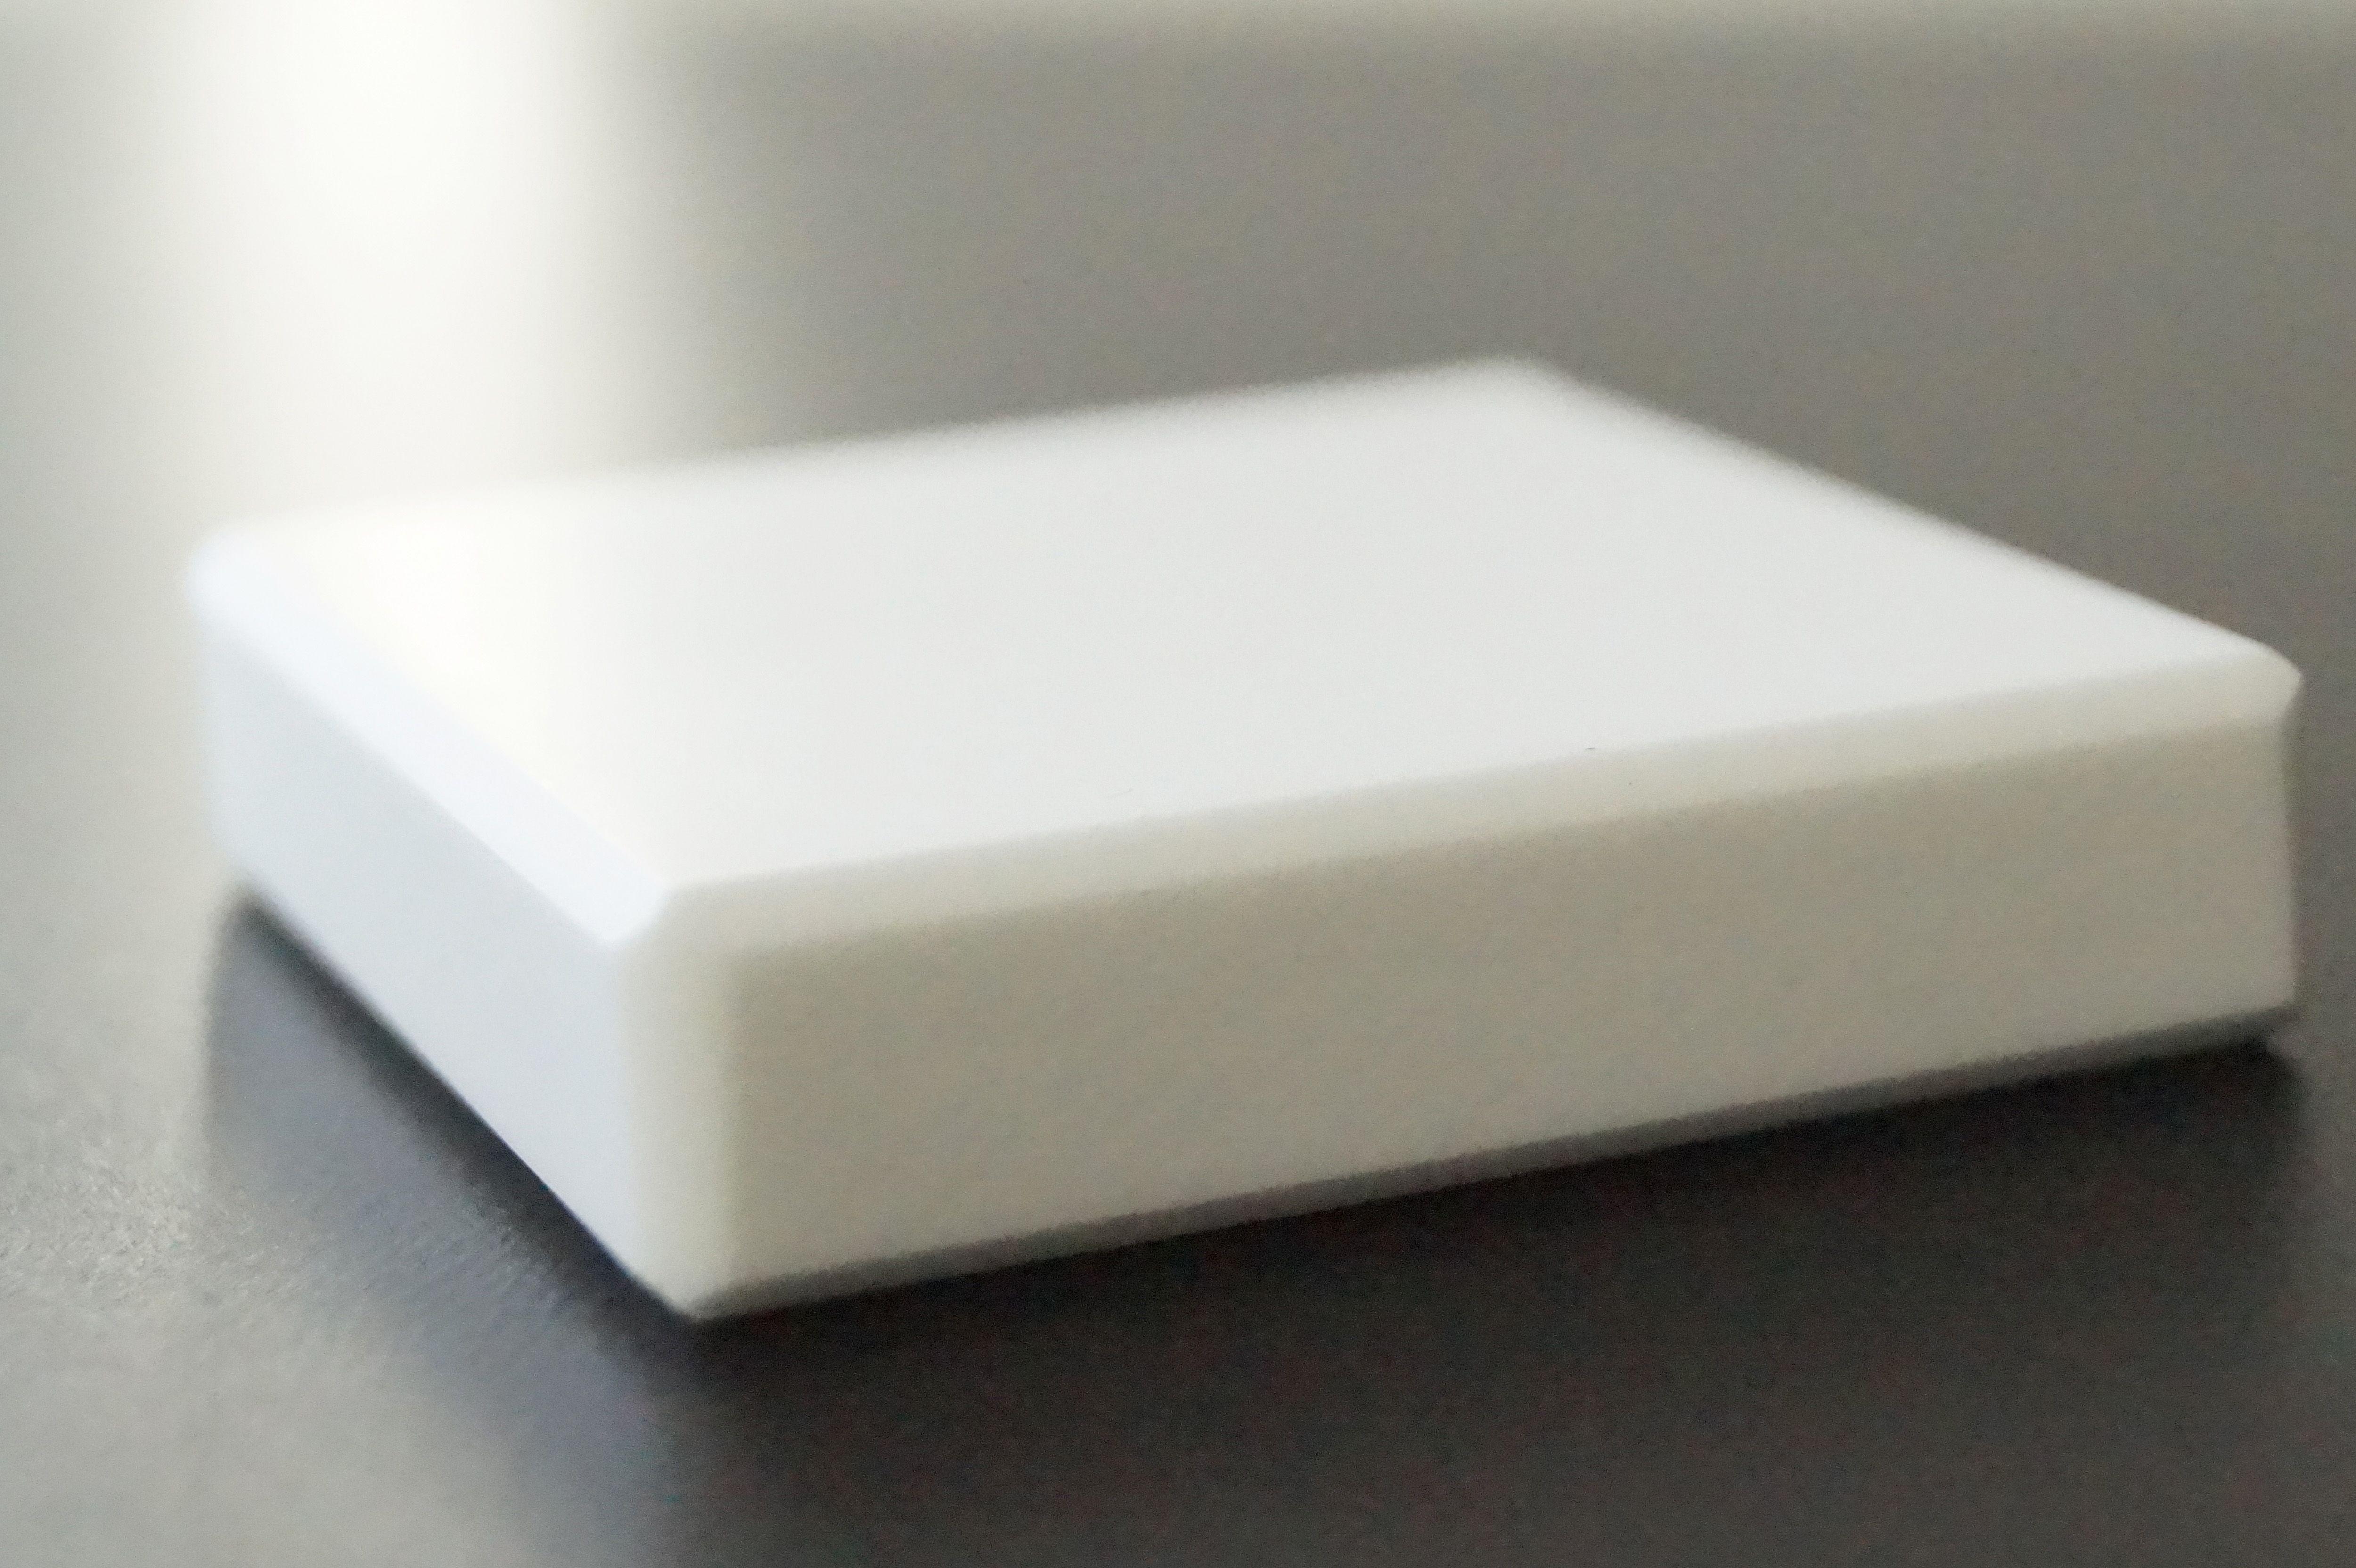 Dekor: Alpine White. HI-MACS forhandlet af Keflico A/S. Skriv til info@keflico.com for nærmere information eller følg linket.